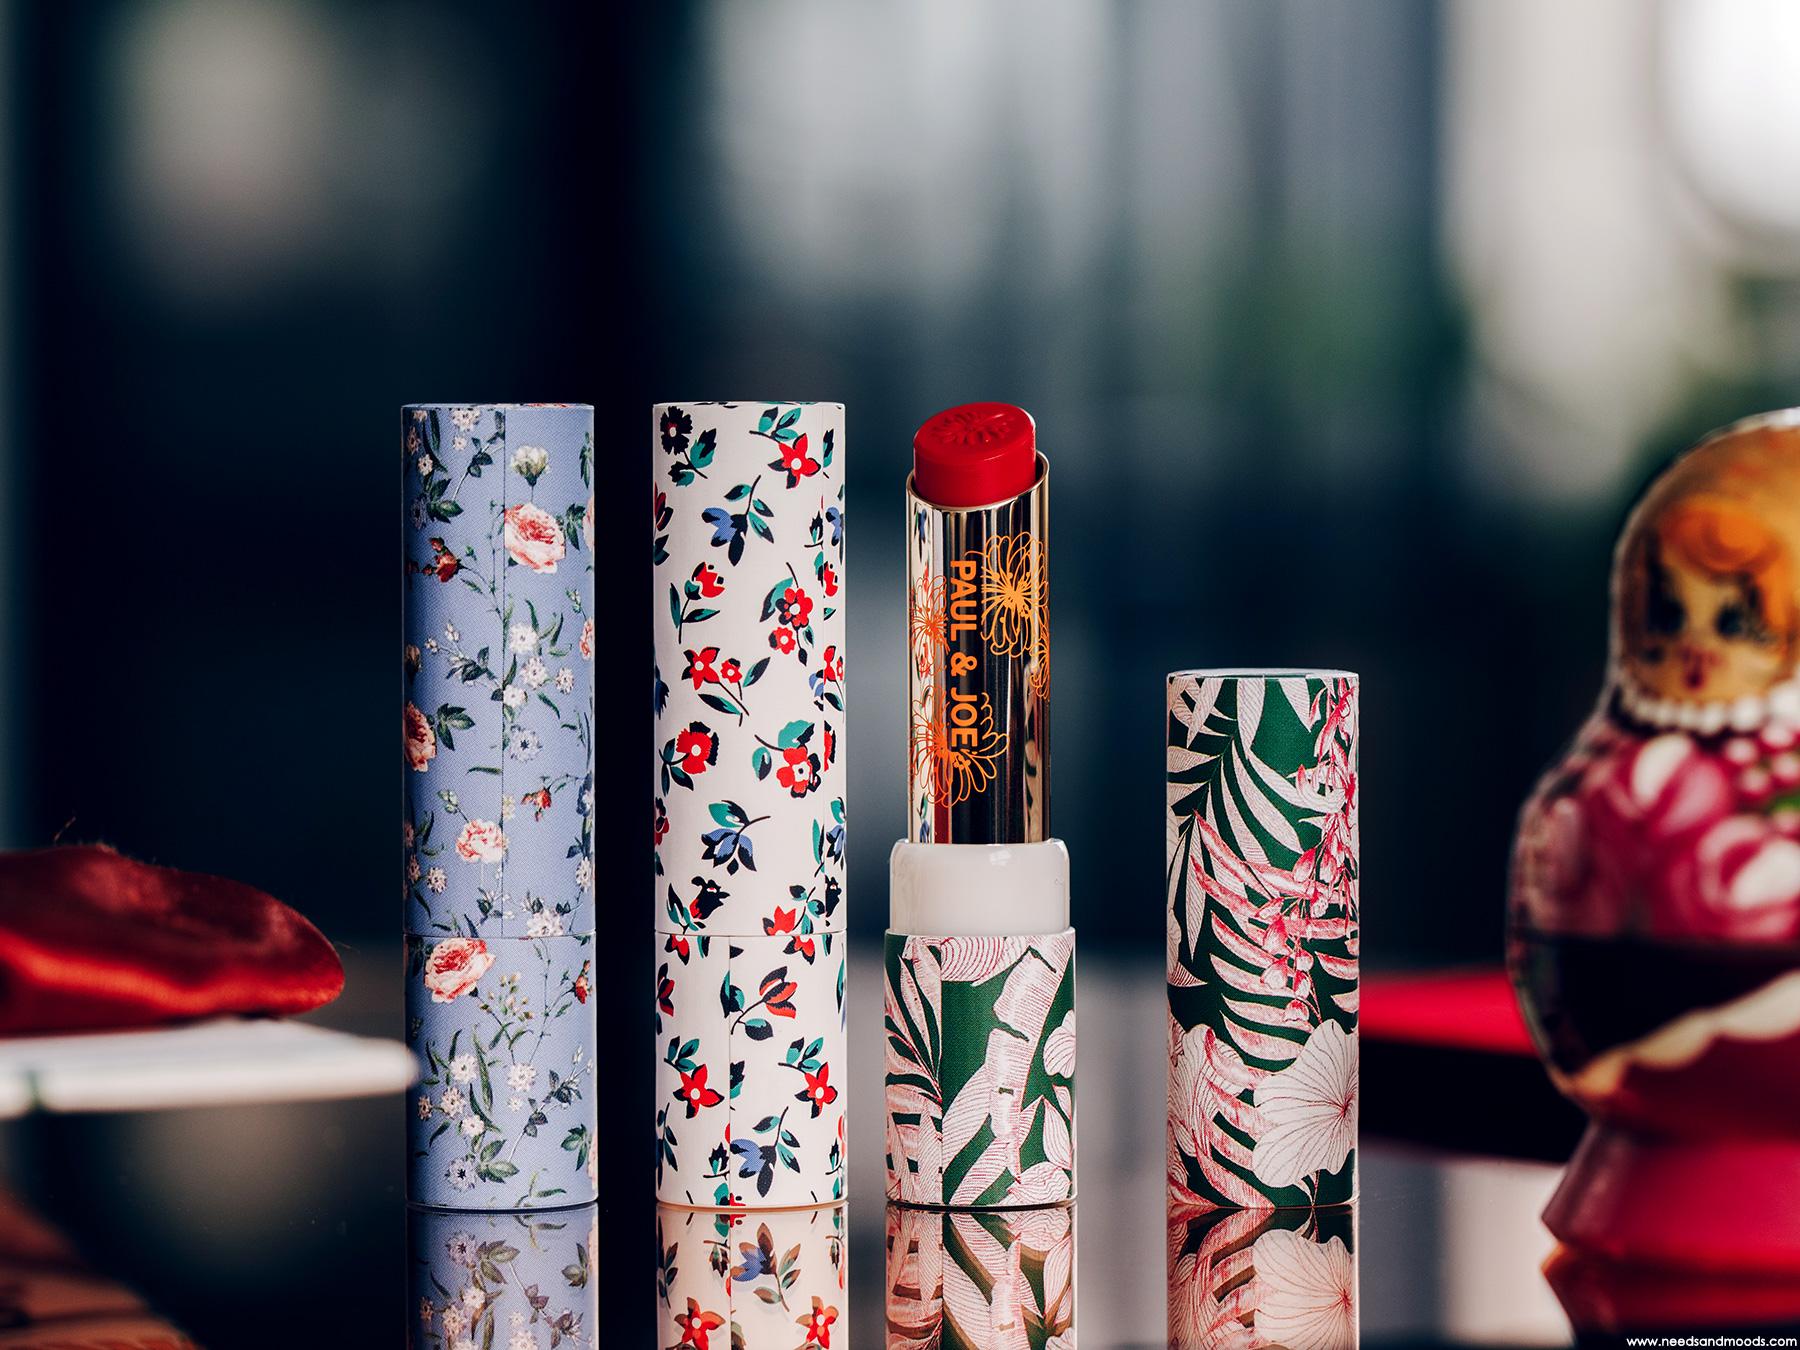 paul joe beaute lipstick case floral shoppe 2019